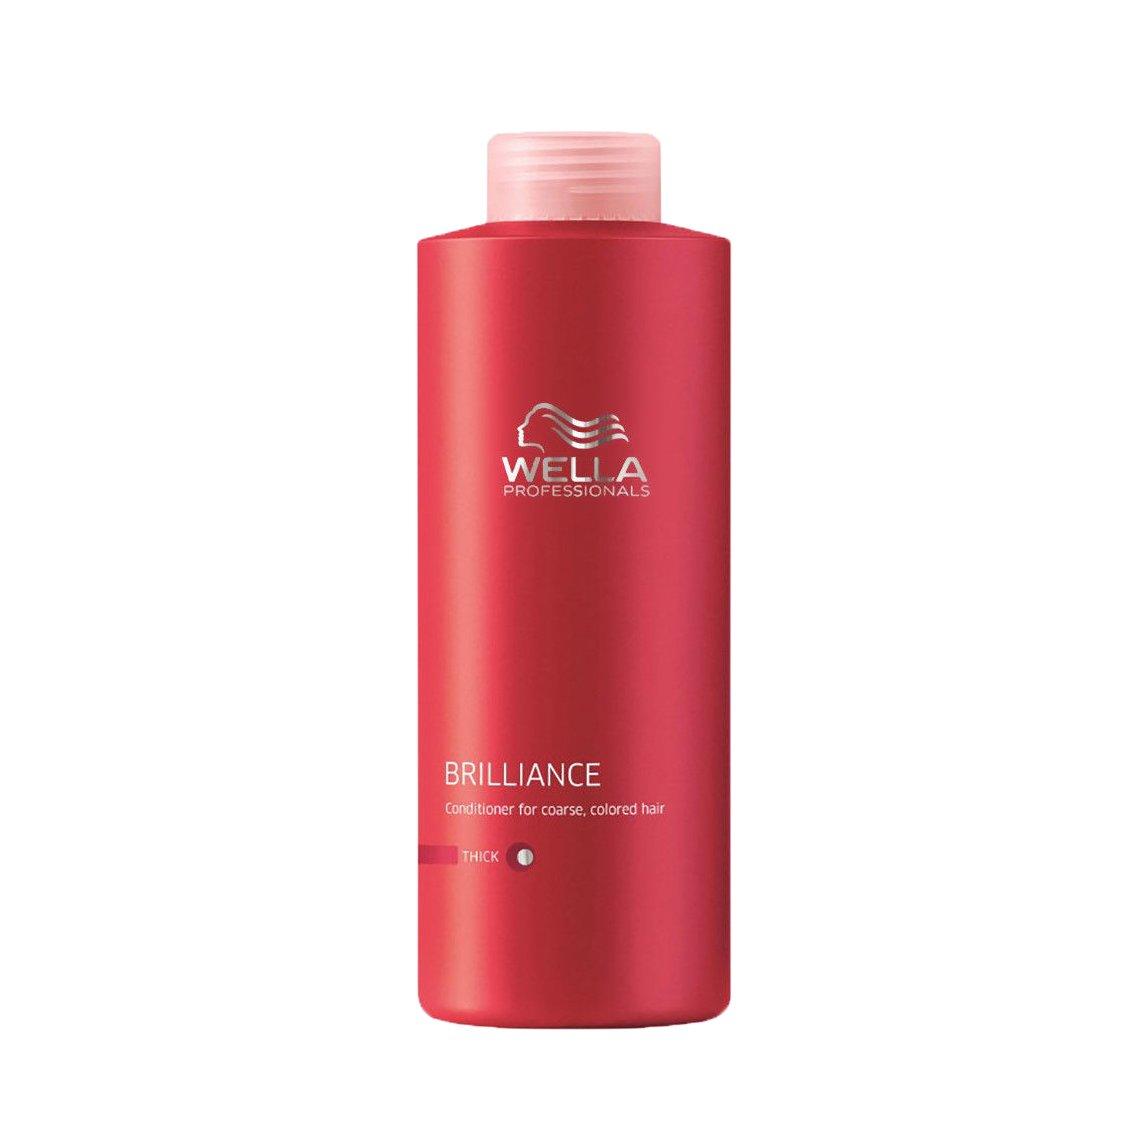 Wella Brilliance Conditioner Dickes Haar 1000ml 4015600117610 4015600117610_Blanco